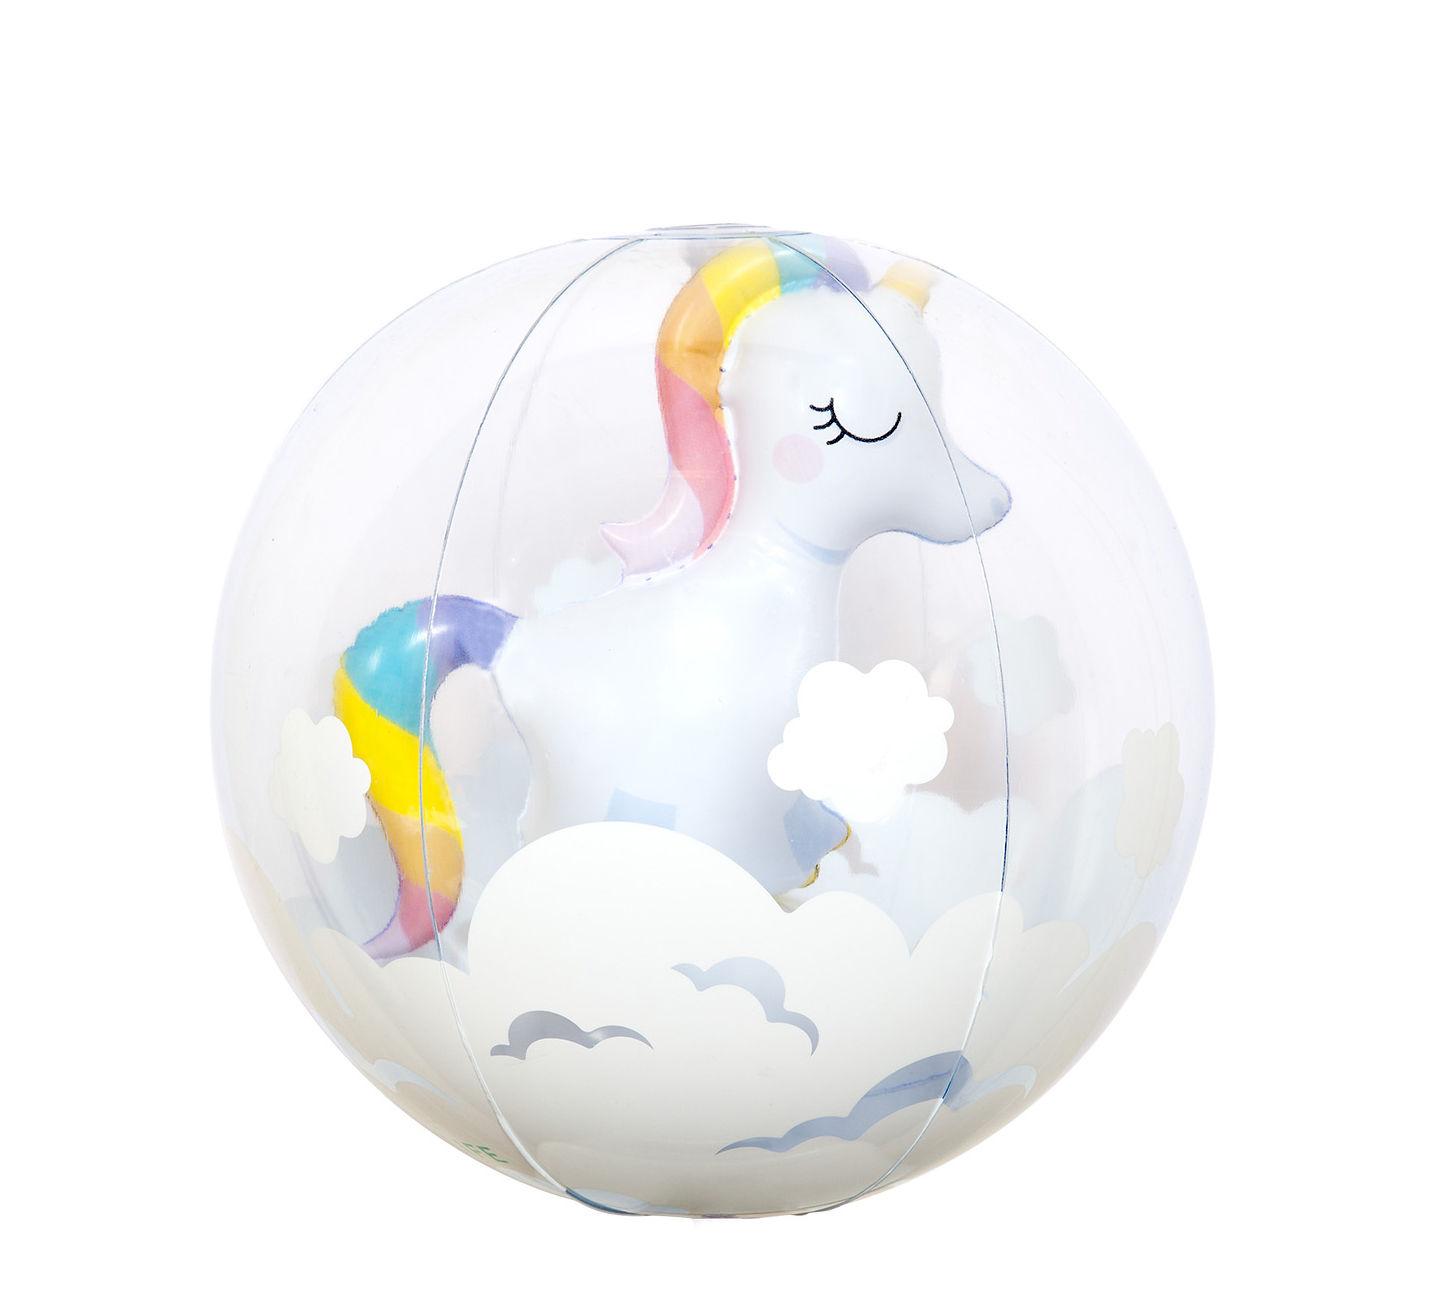 Déco - Pour les enfants - Ballon gonflable Licorne 3D / Ø 35 cm - Sunnylife - Licorne - PVC non toxique